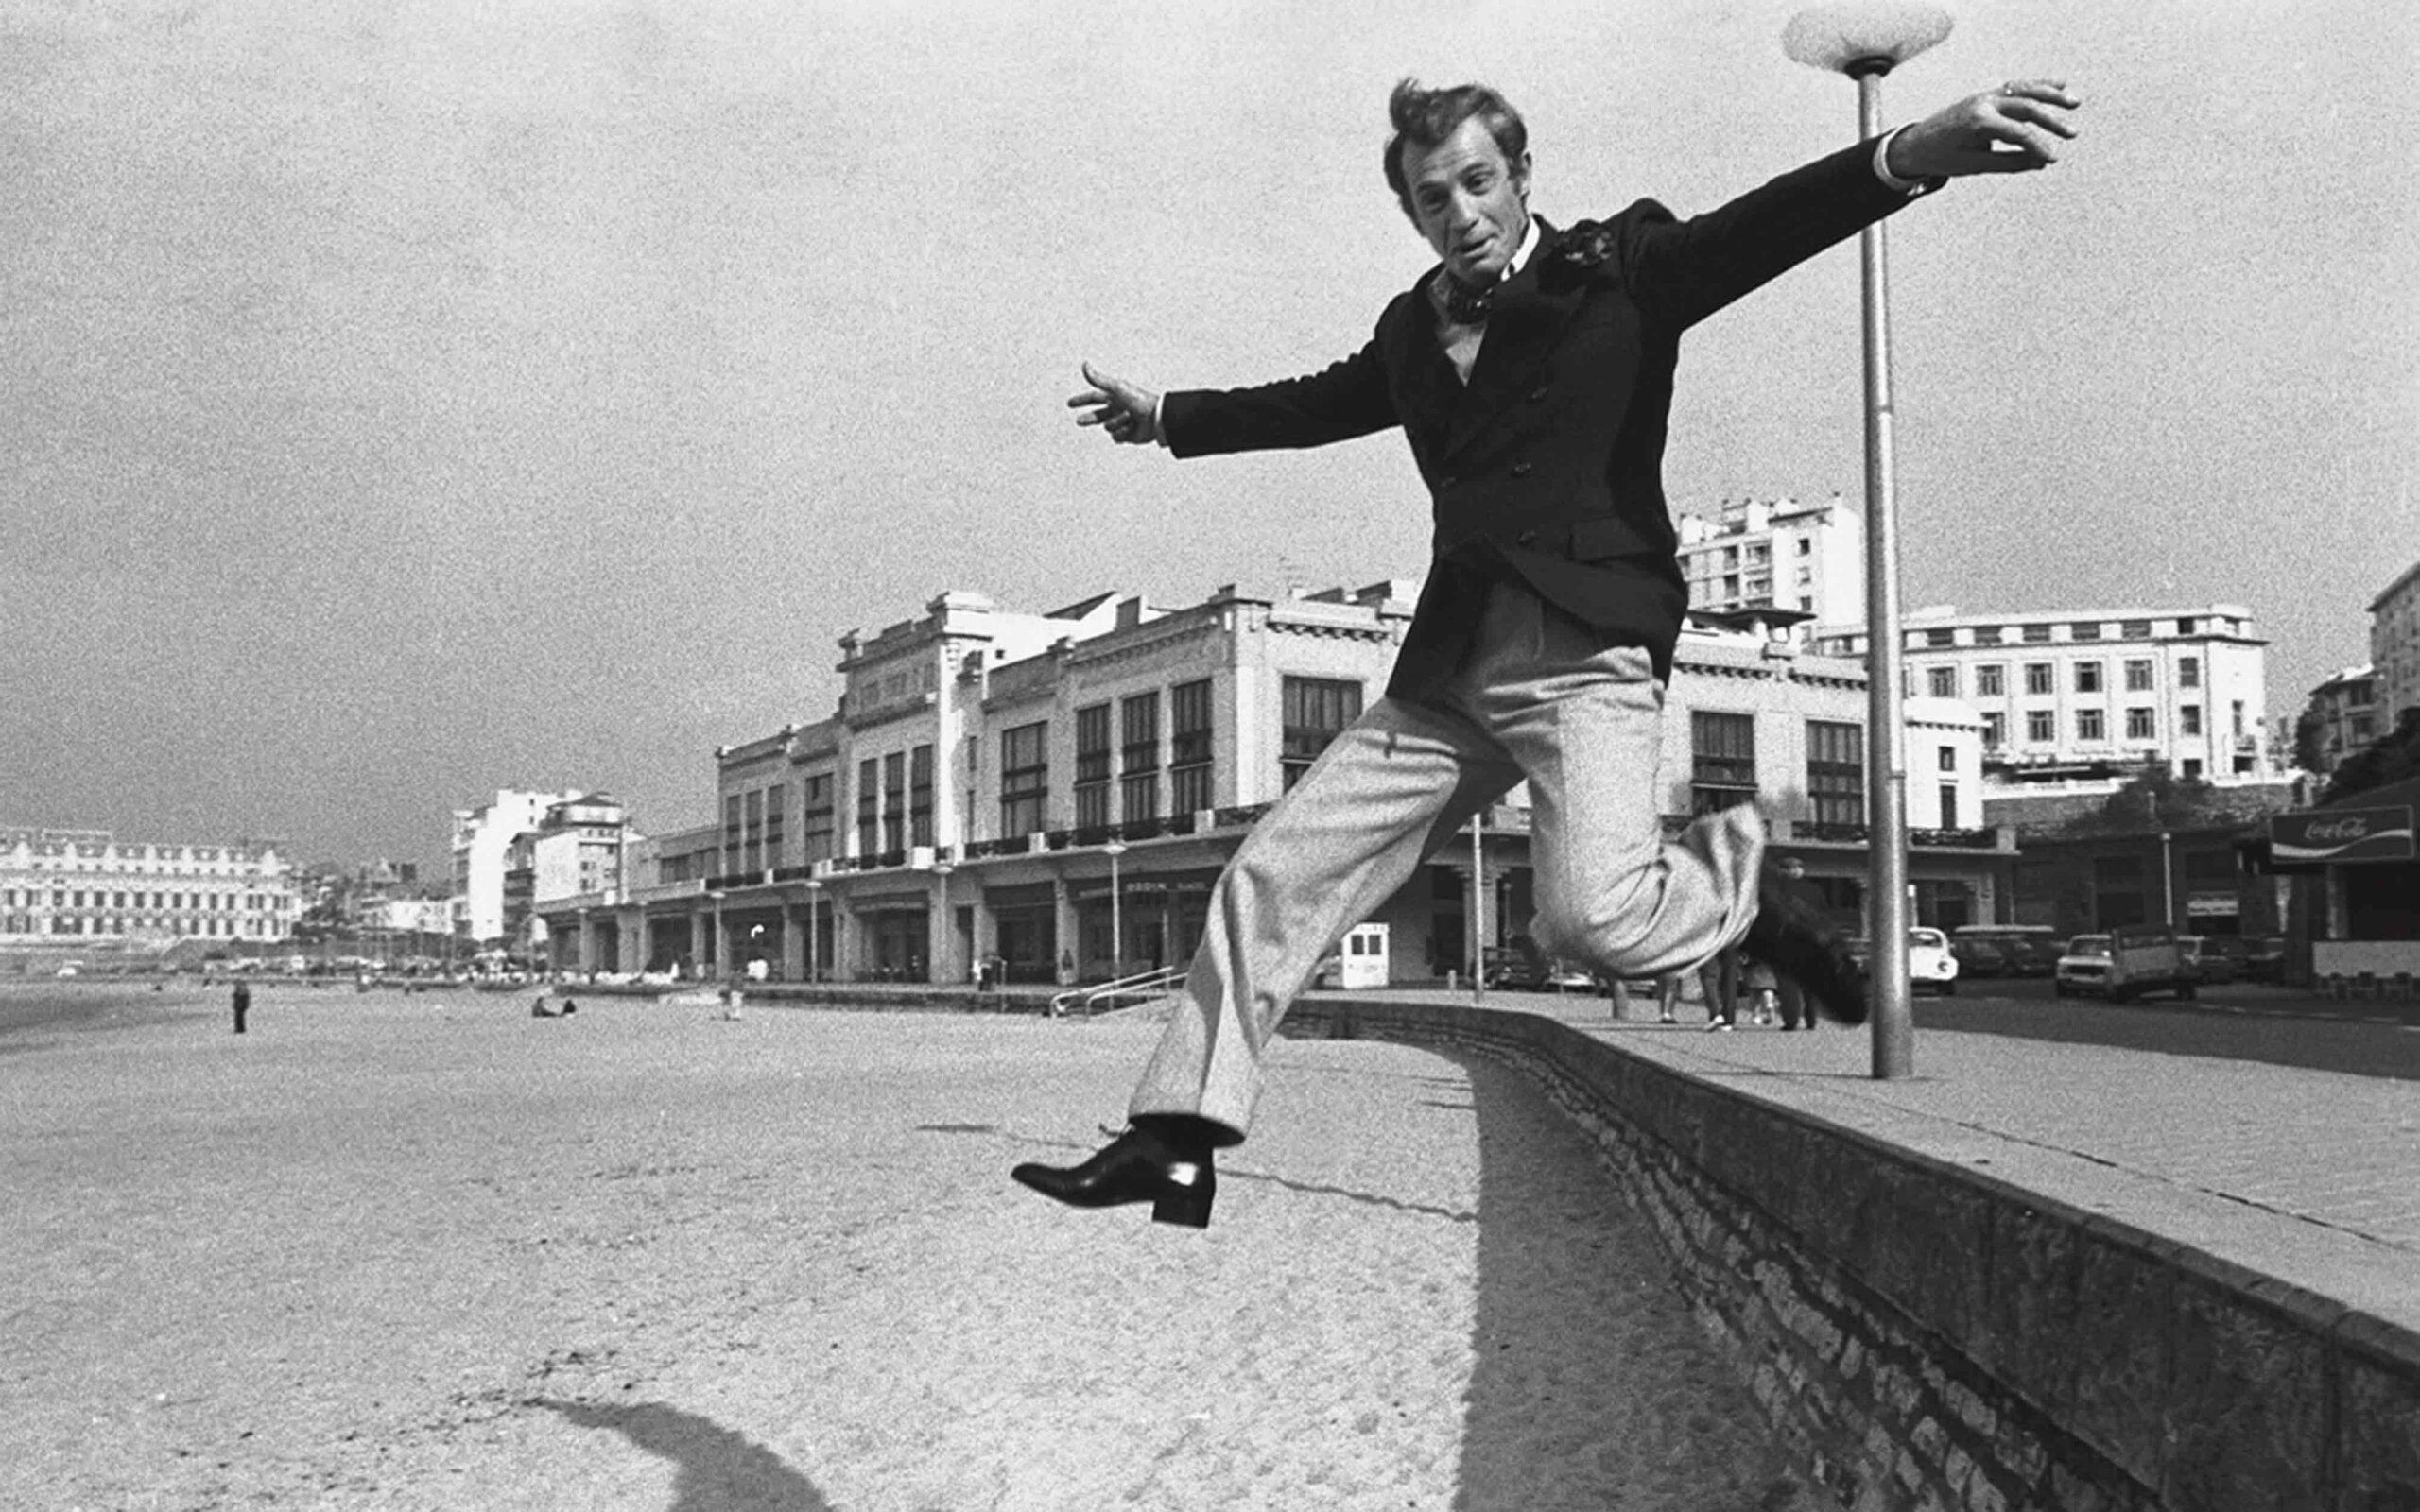 Jean-Paul Belmondo à Biarritz en 1973